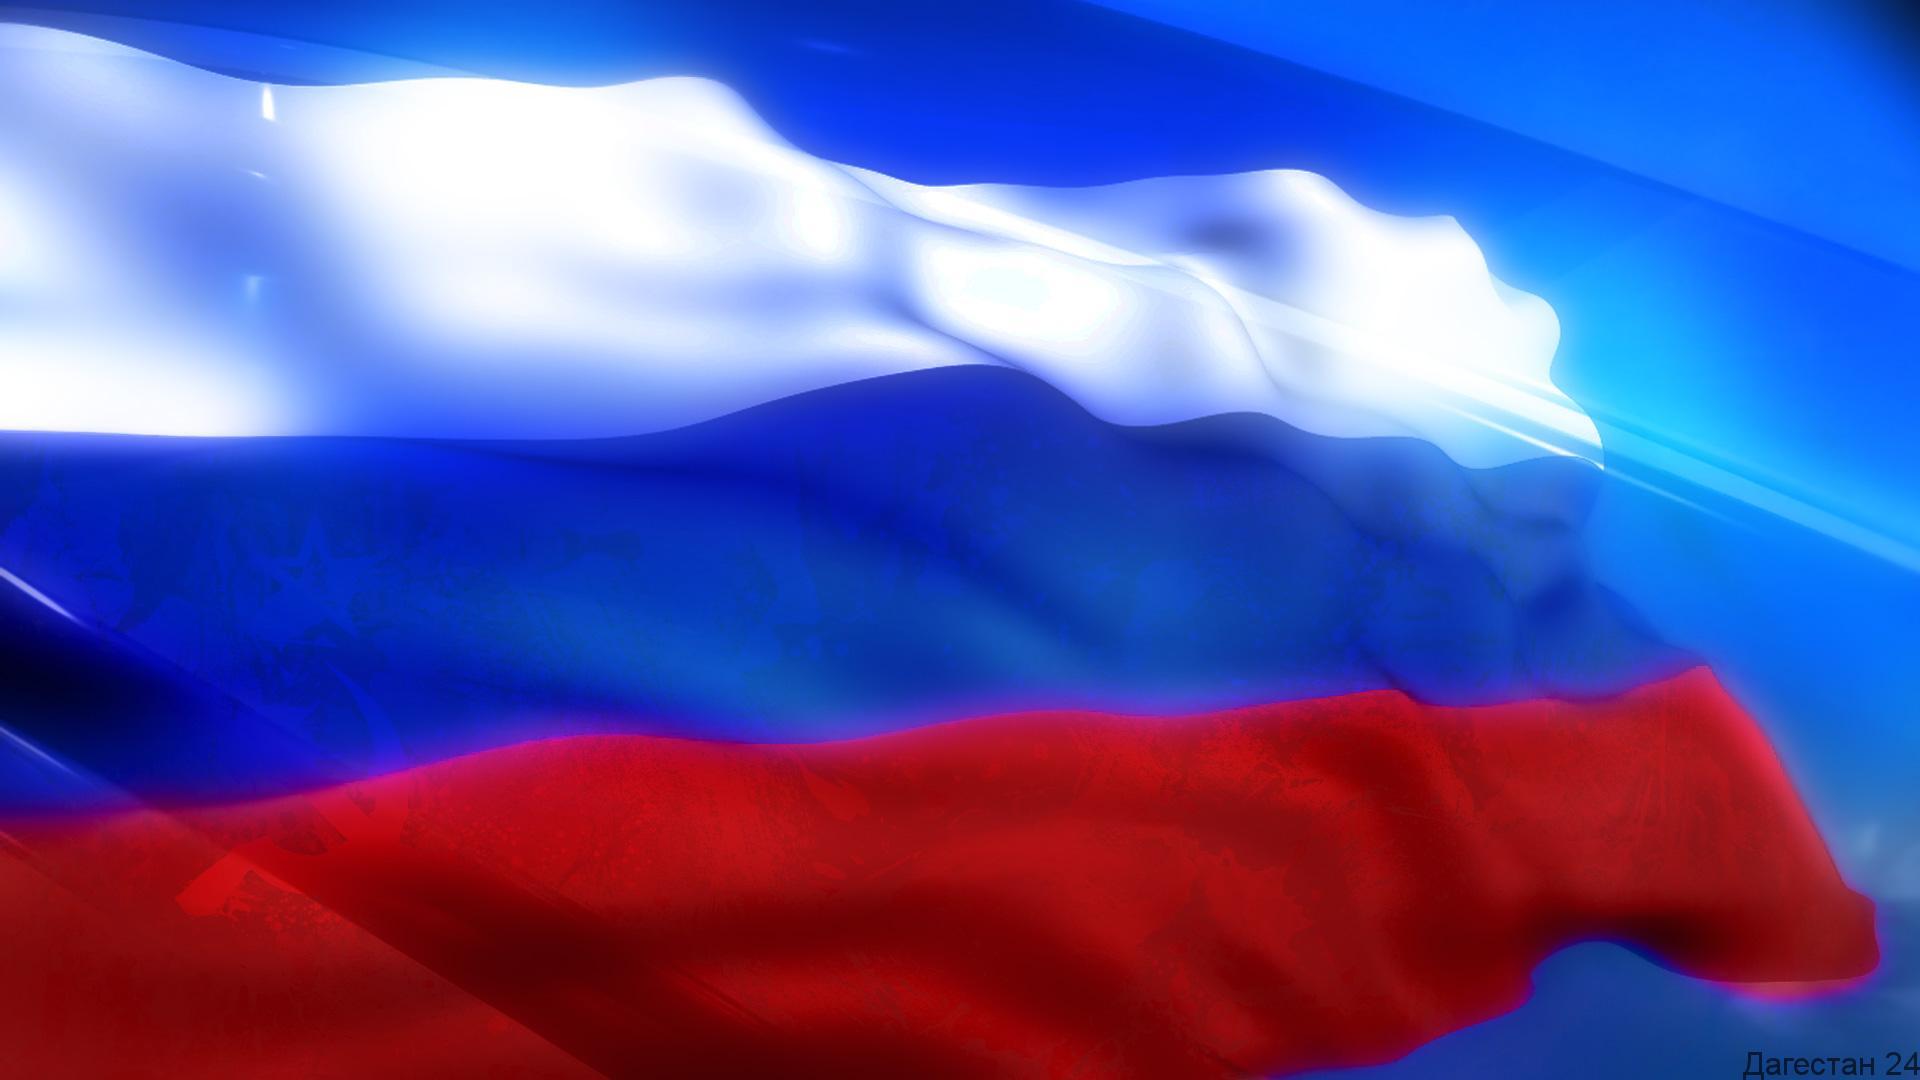 Флаг россии фото для открытки, детьми москве